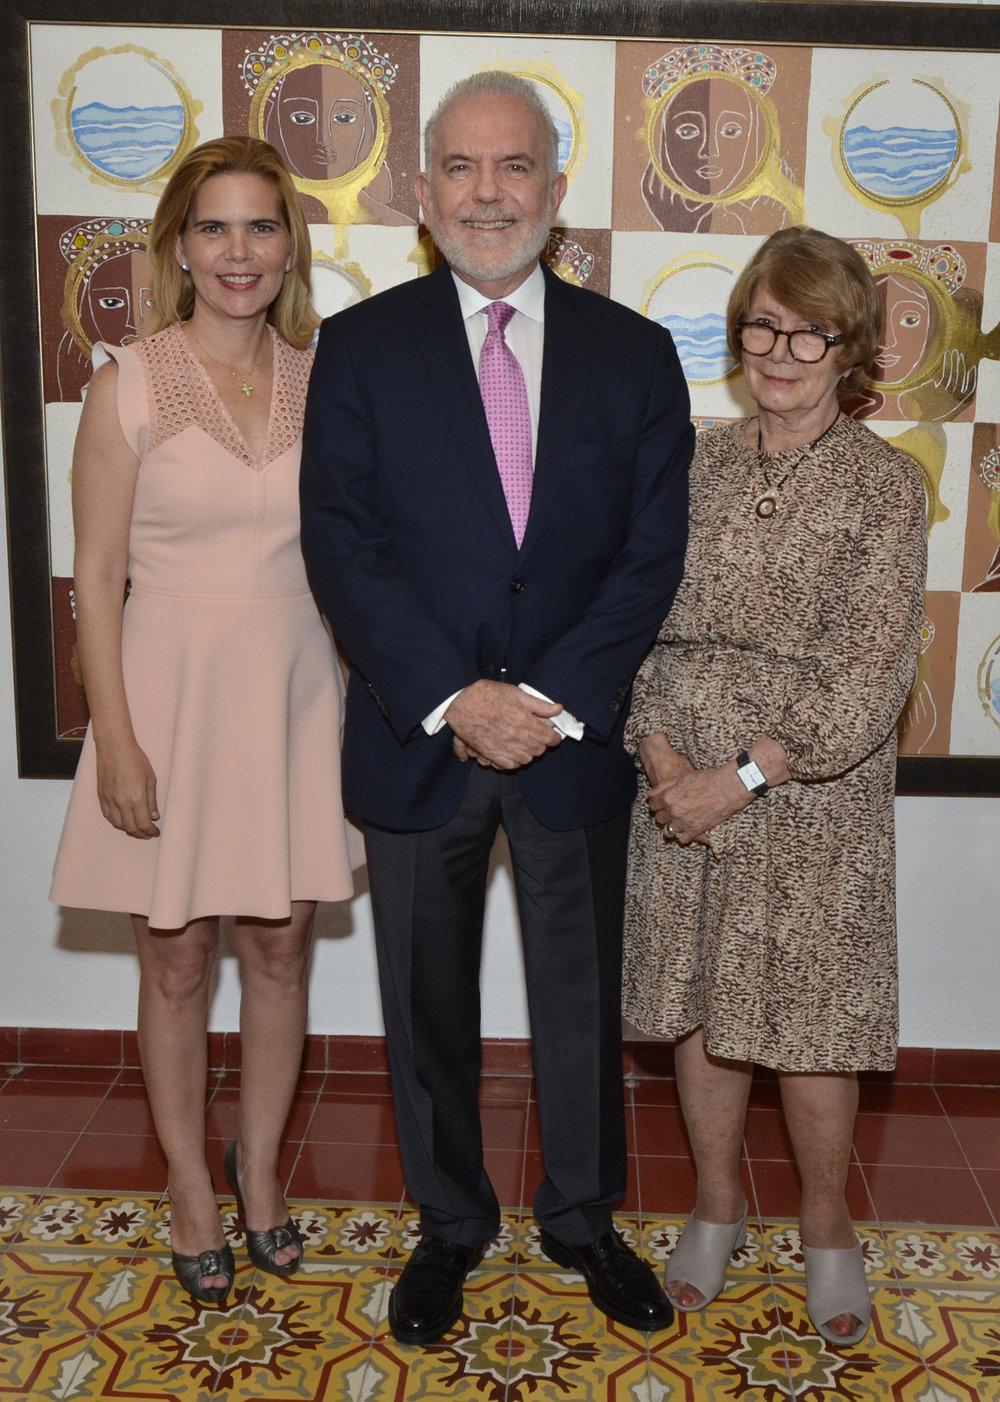 Foto Principal 2 María Laura Hazoury de Mayol, George Manuel Hazoury Peña y Marianne de Tolentino.JPG